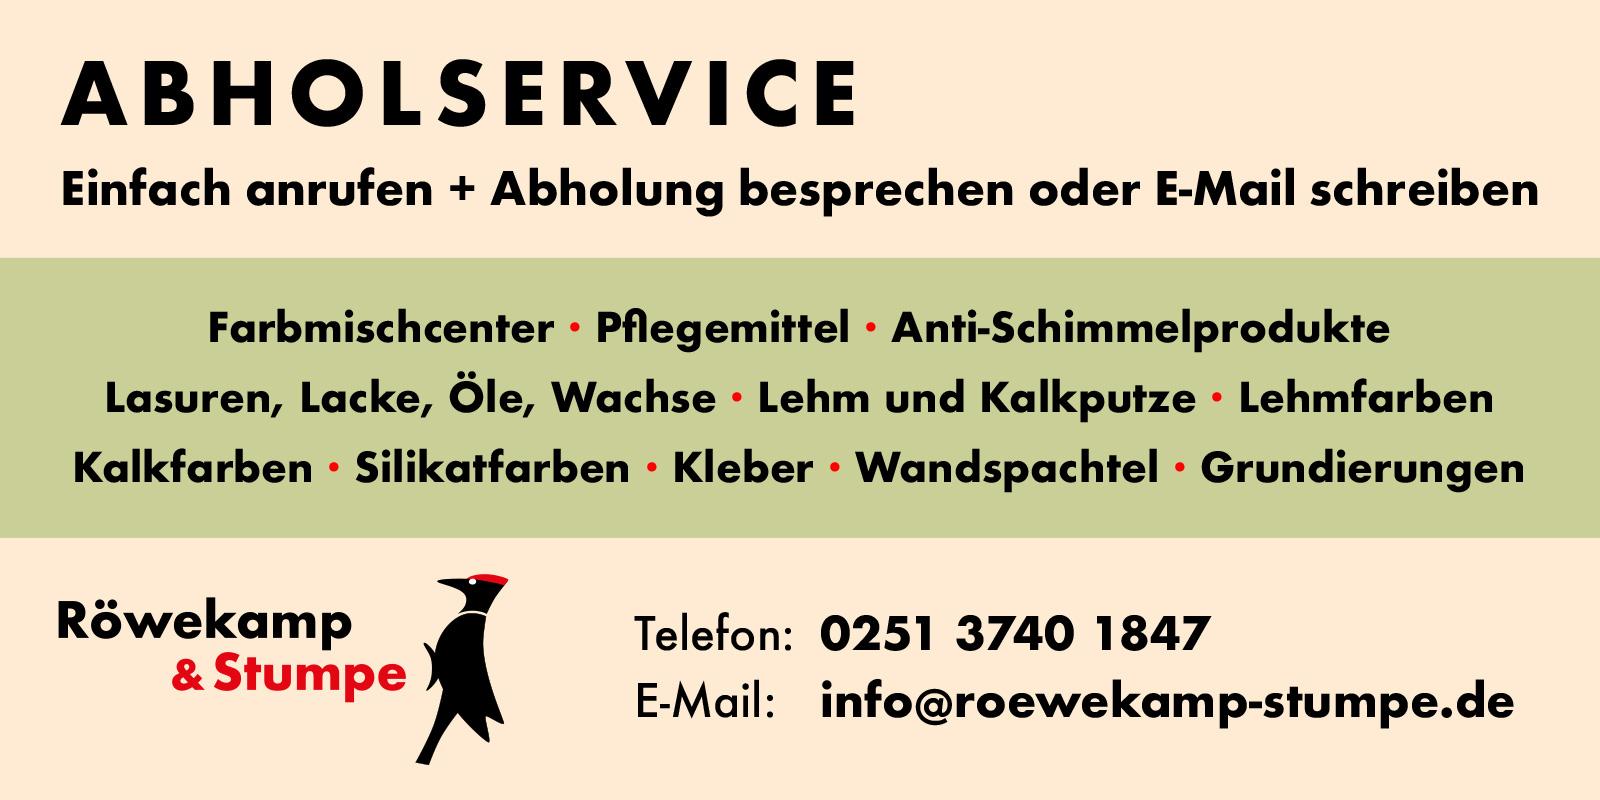 Roewekamp & Stumpe Abholservice